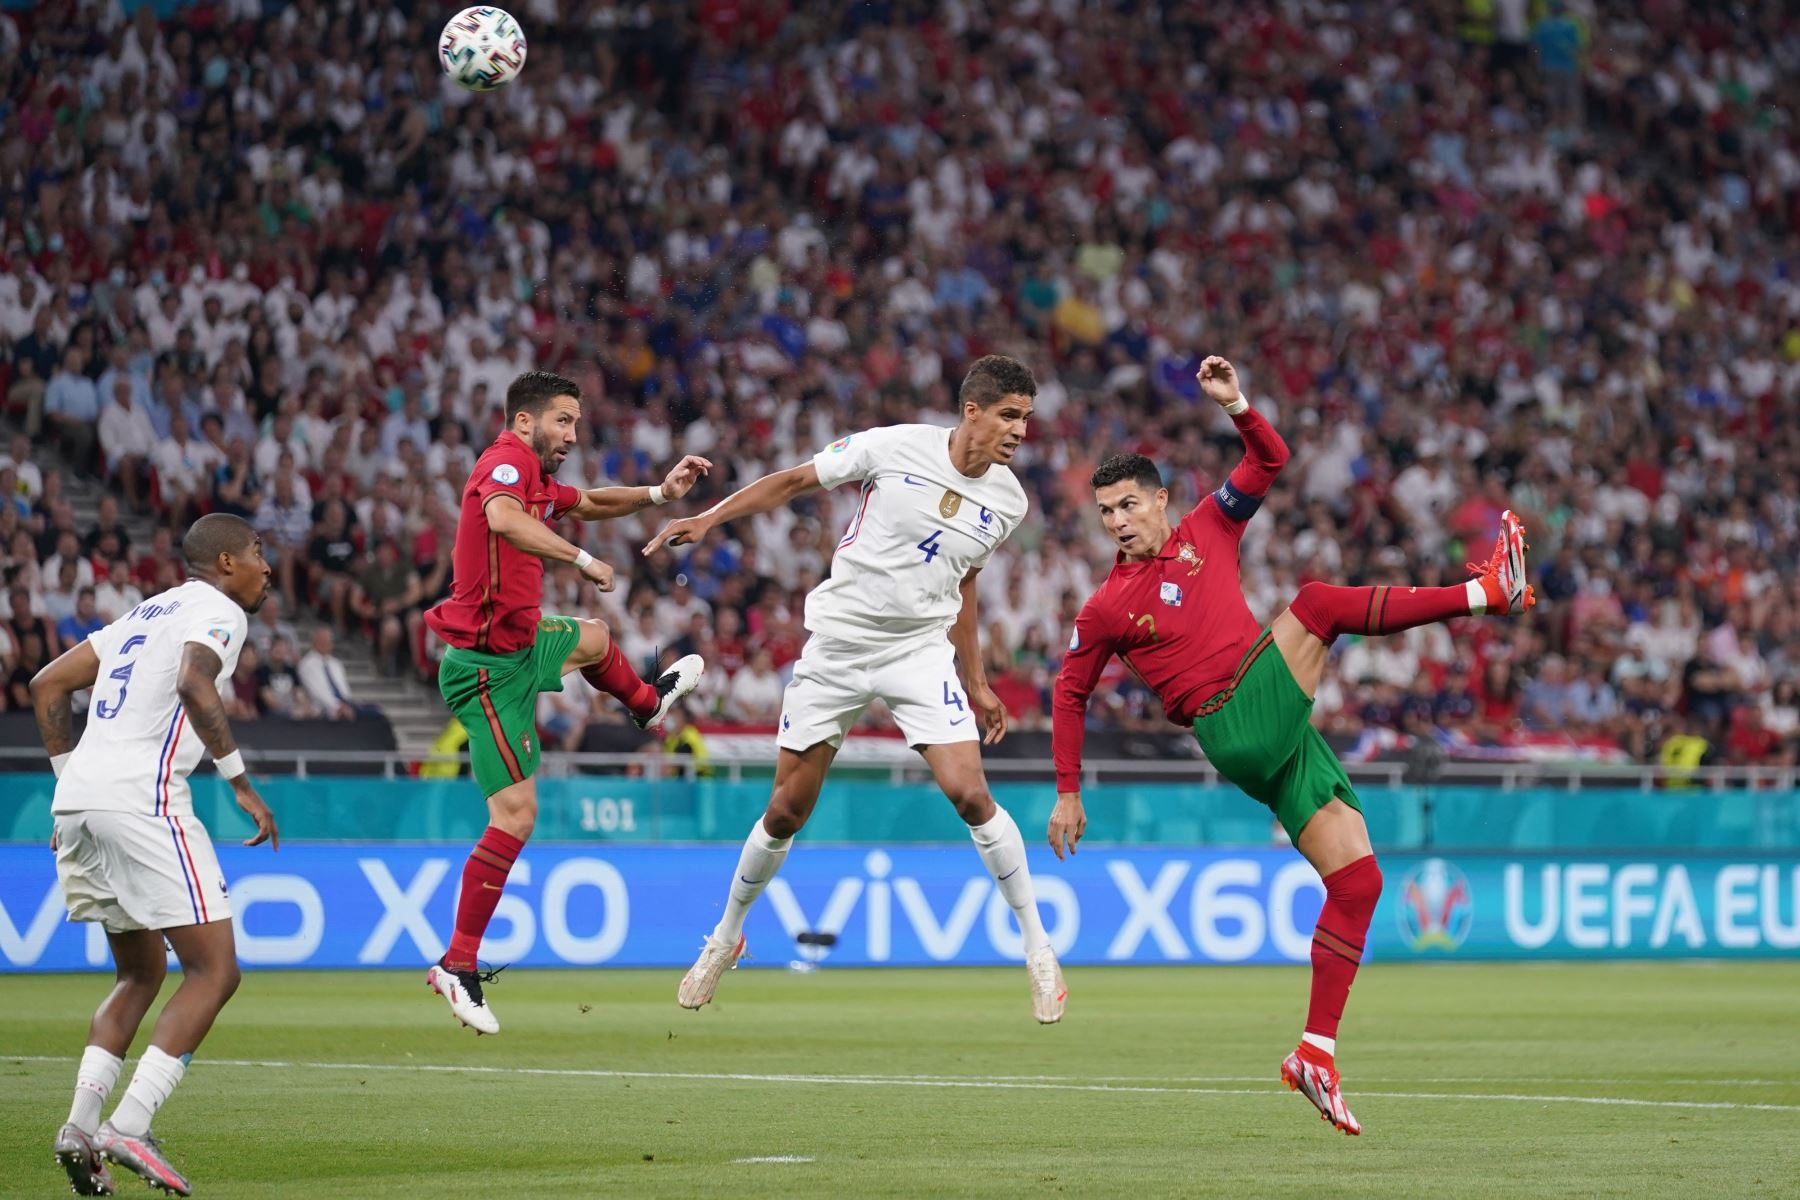 Cristiano Ronaldo de Portugal en acción contra Raphael Varane de Francia durante el partido por el Grupo F de la UEFA EURO 2020, en Budapest, Hungría. Foto: EFE